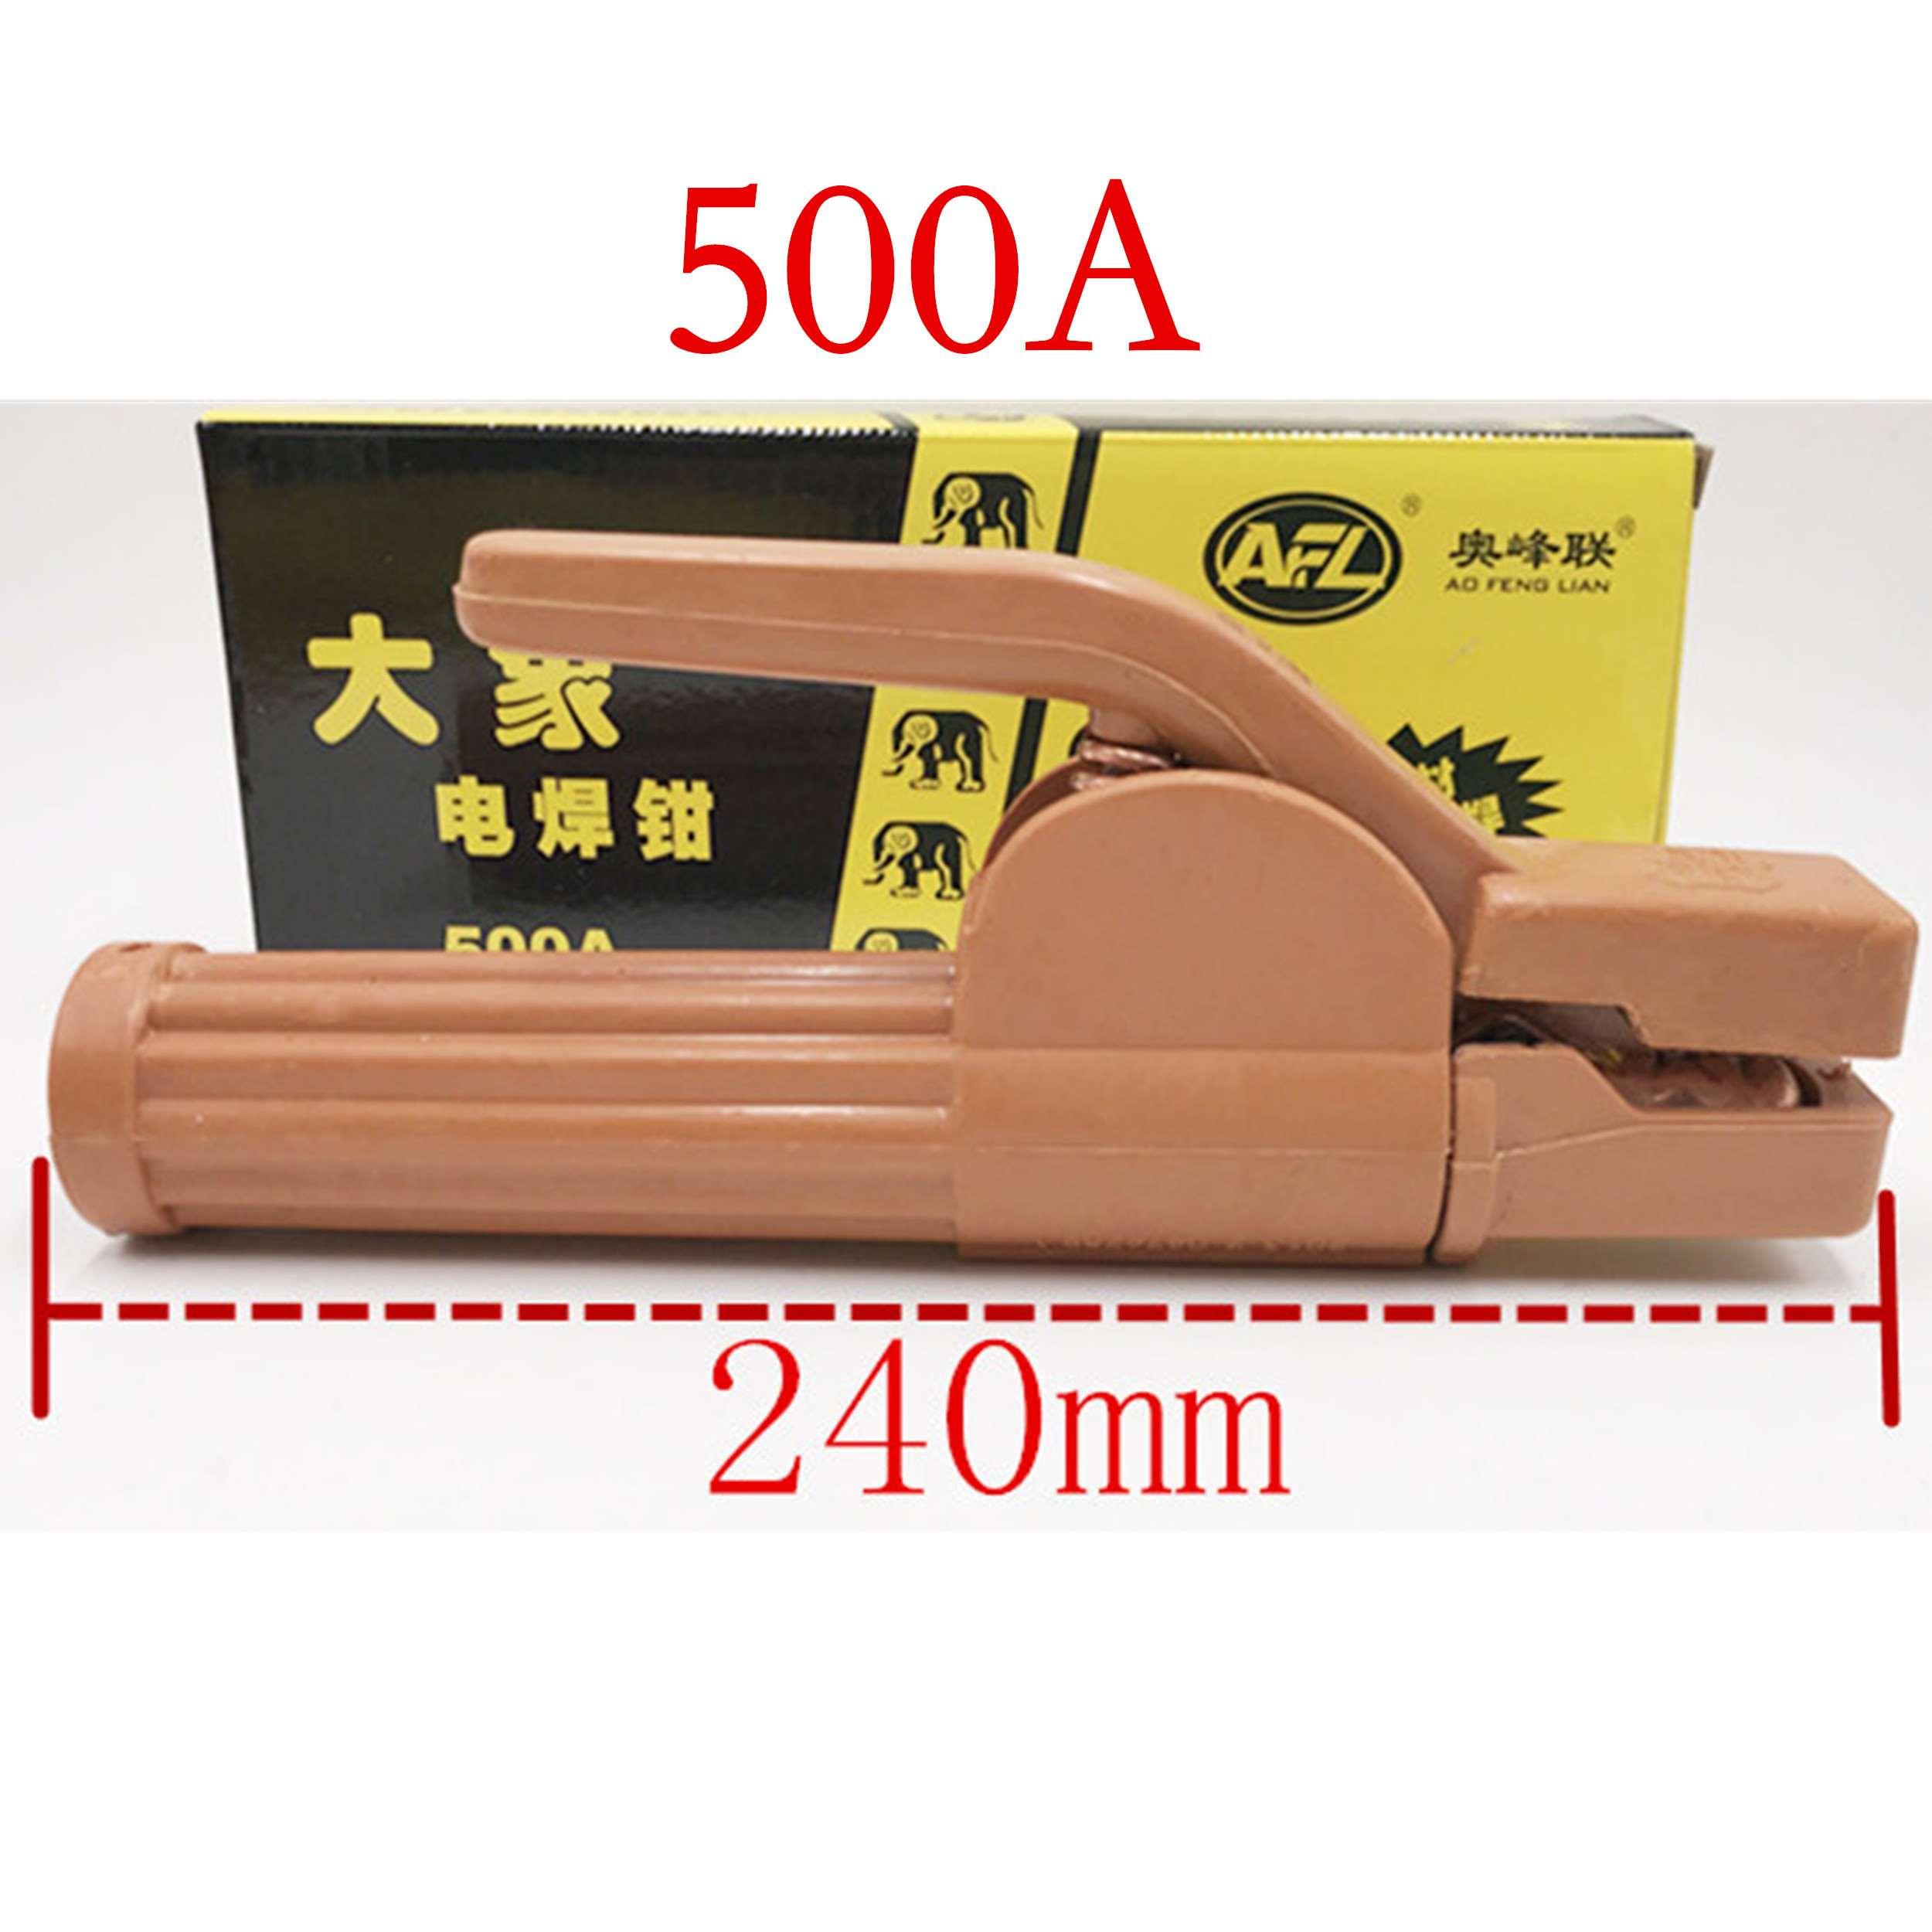 限6000张券[300A][500A][800A]大象电焊钳焊接钳焊条夹子电焊机配件手工焊把